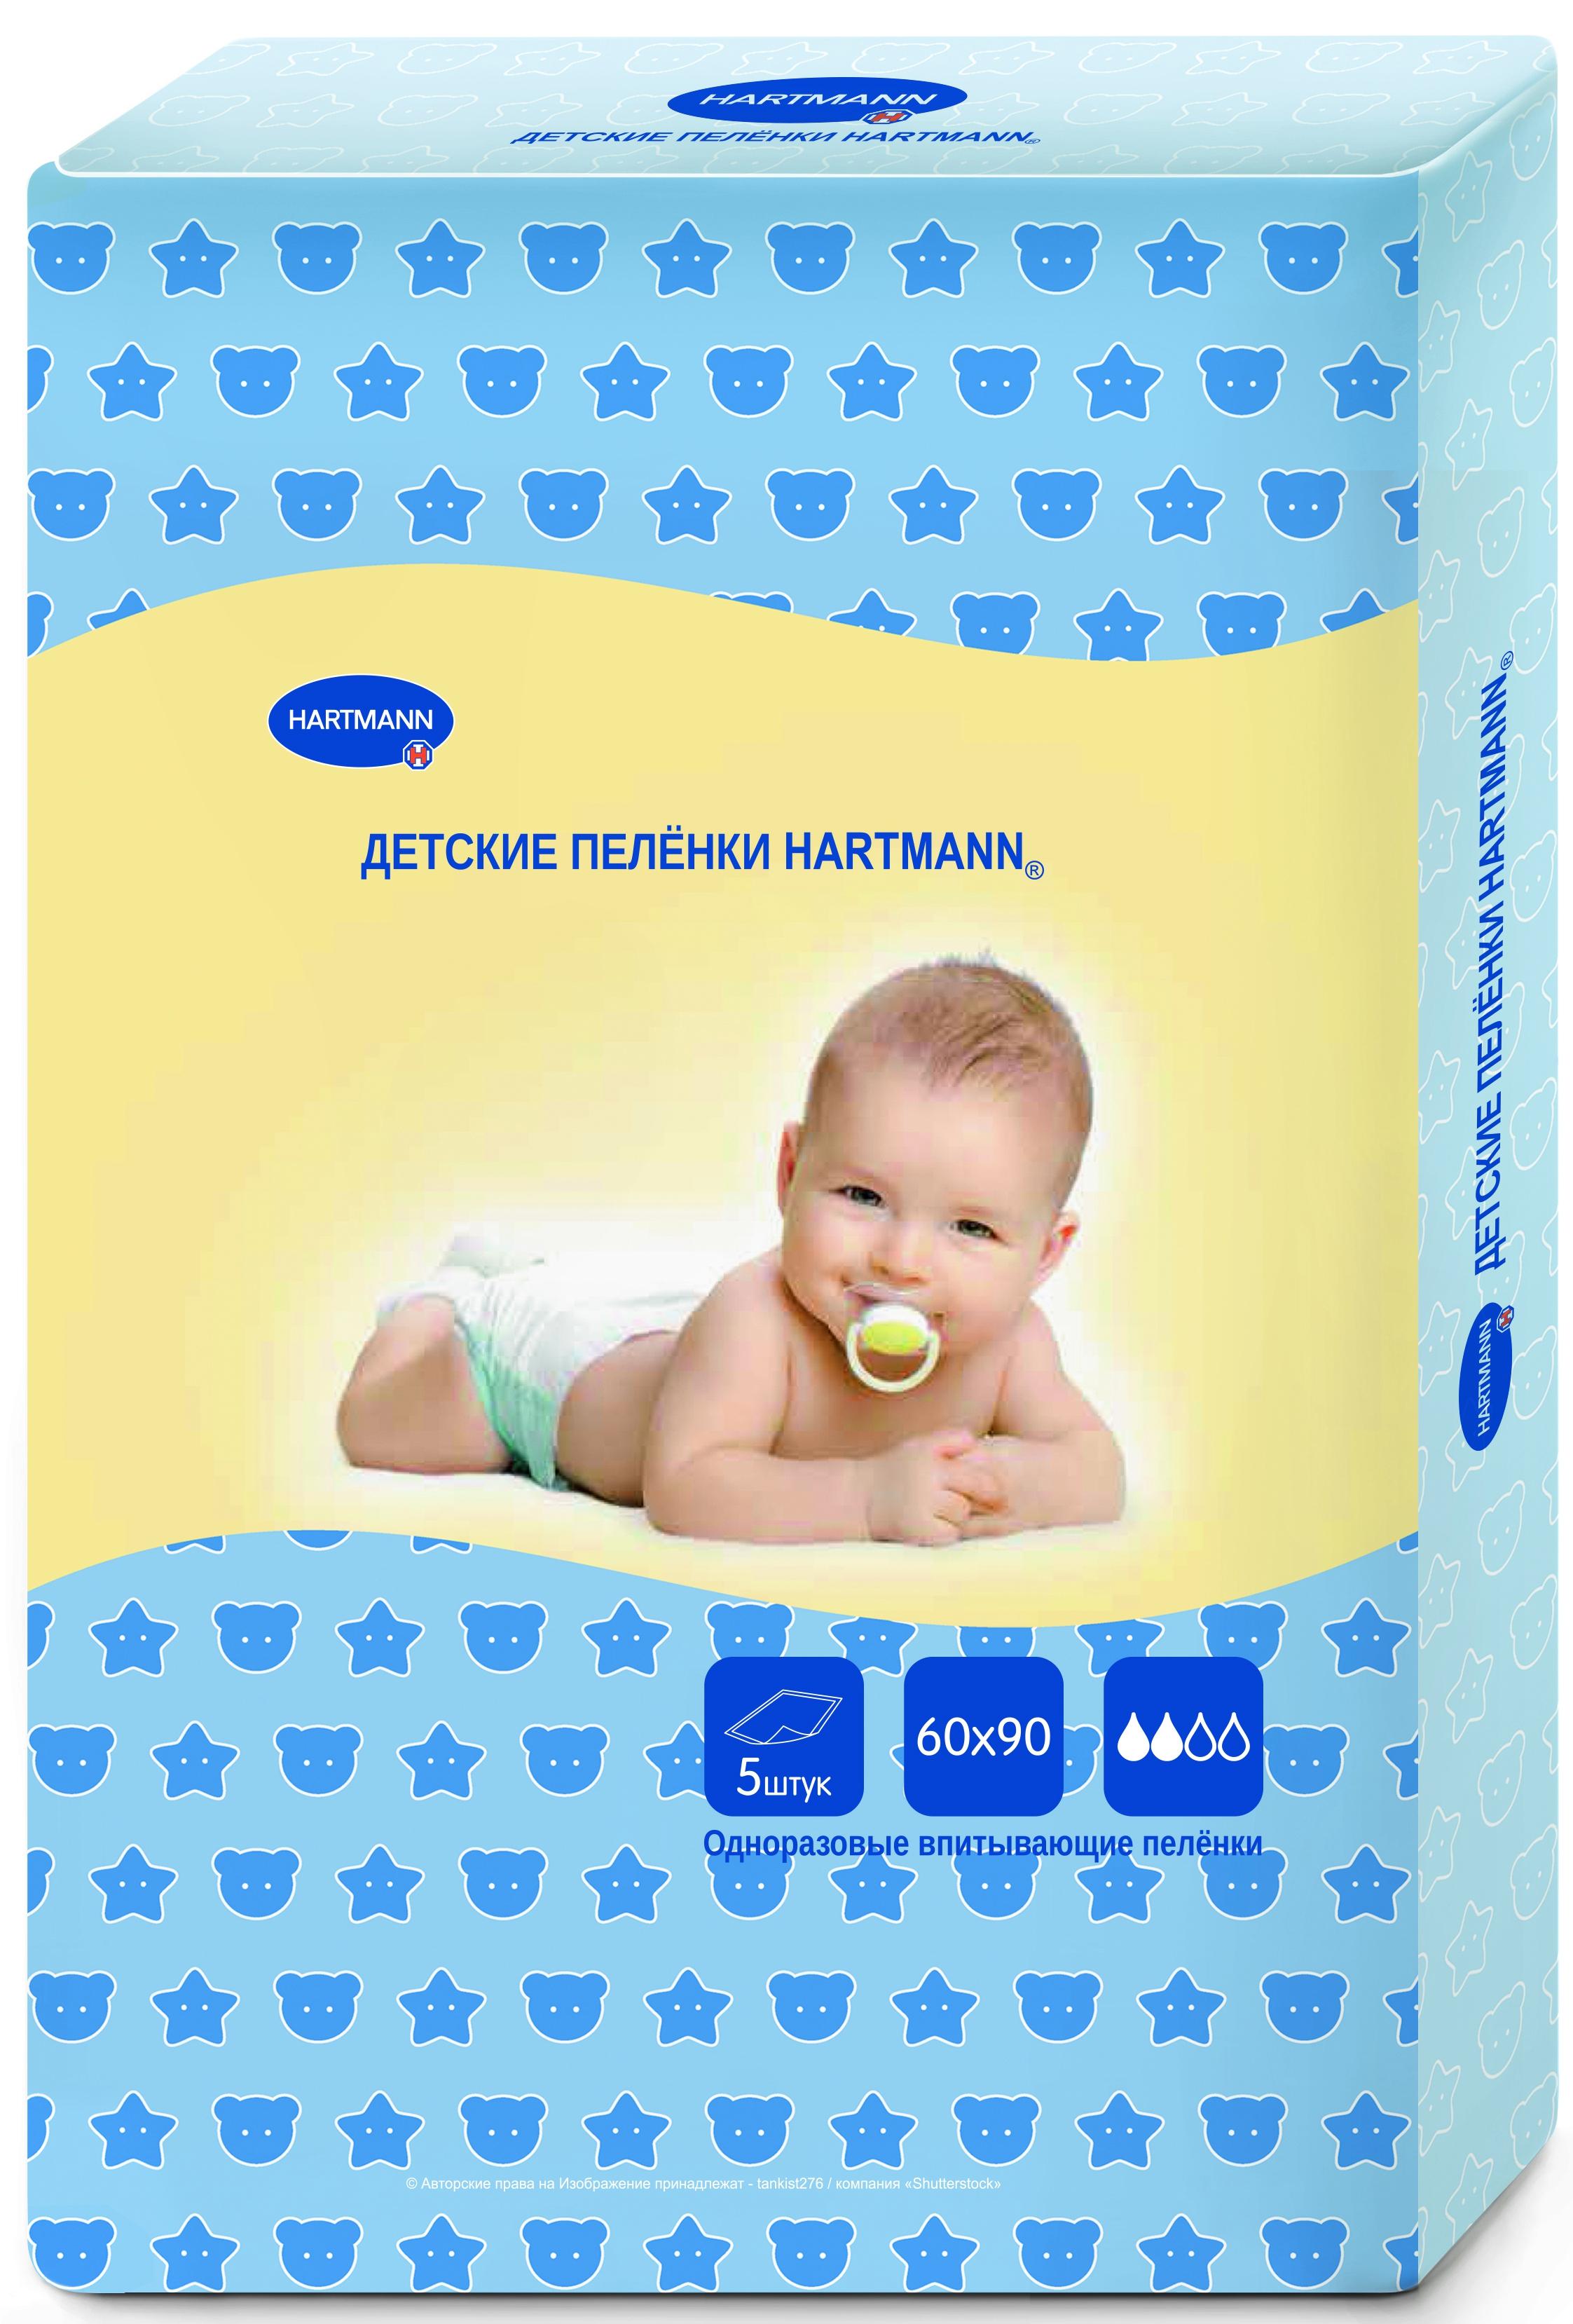 Пеленки HARTMANN Пеленки детские 60х90 см 5 шт пеленки hartmann пеленки впитывающие hartmann 60х90 см 30 шт